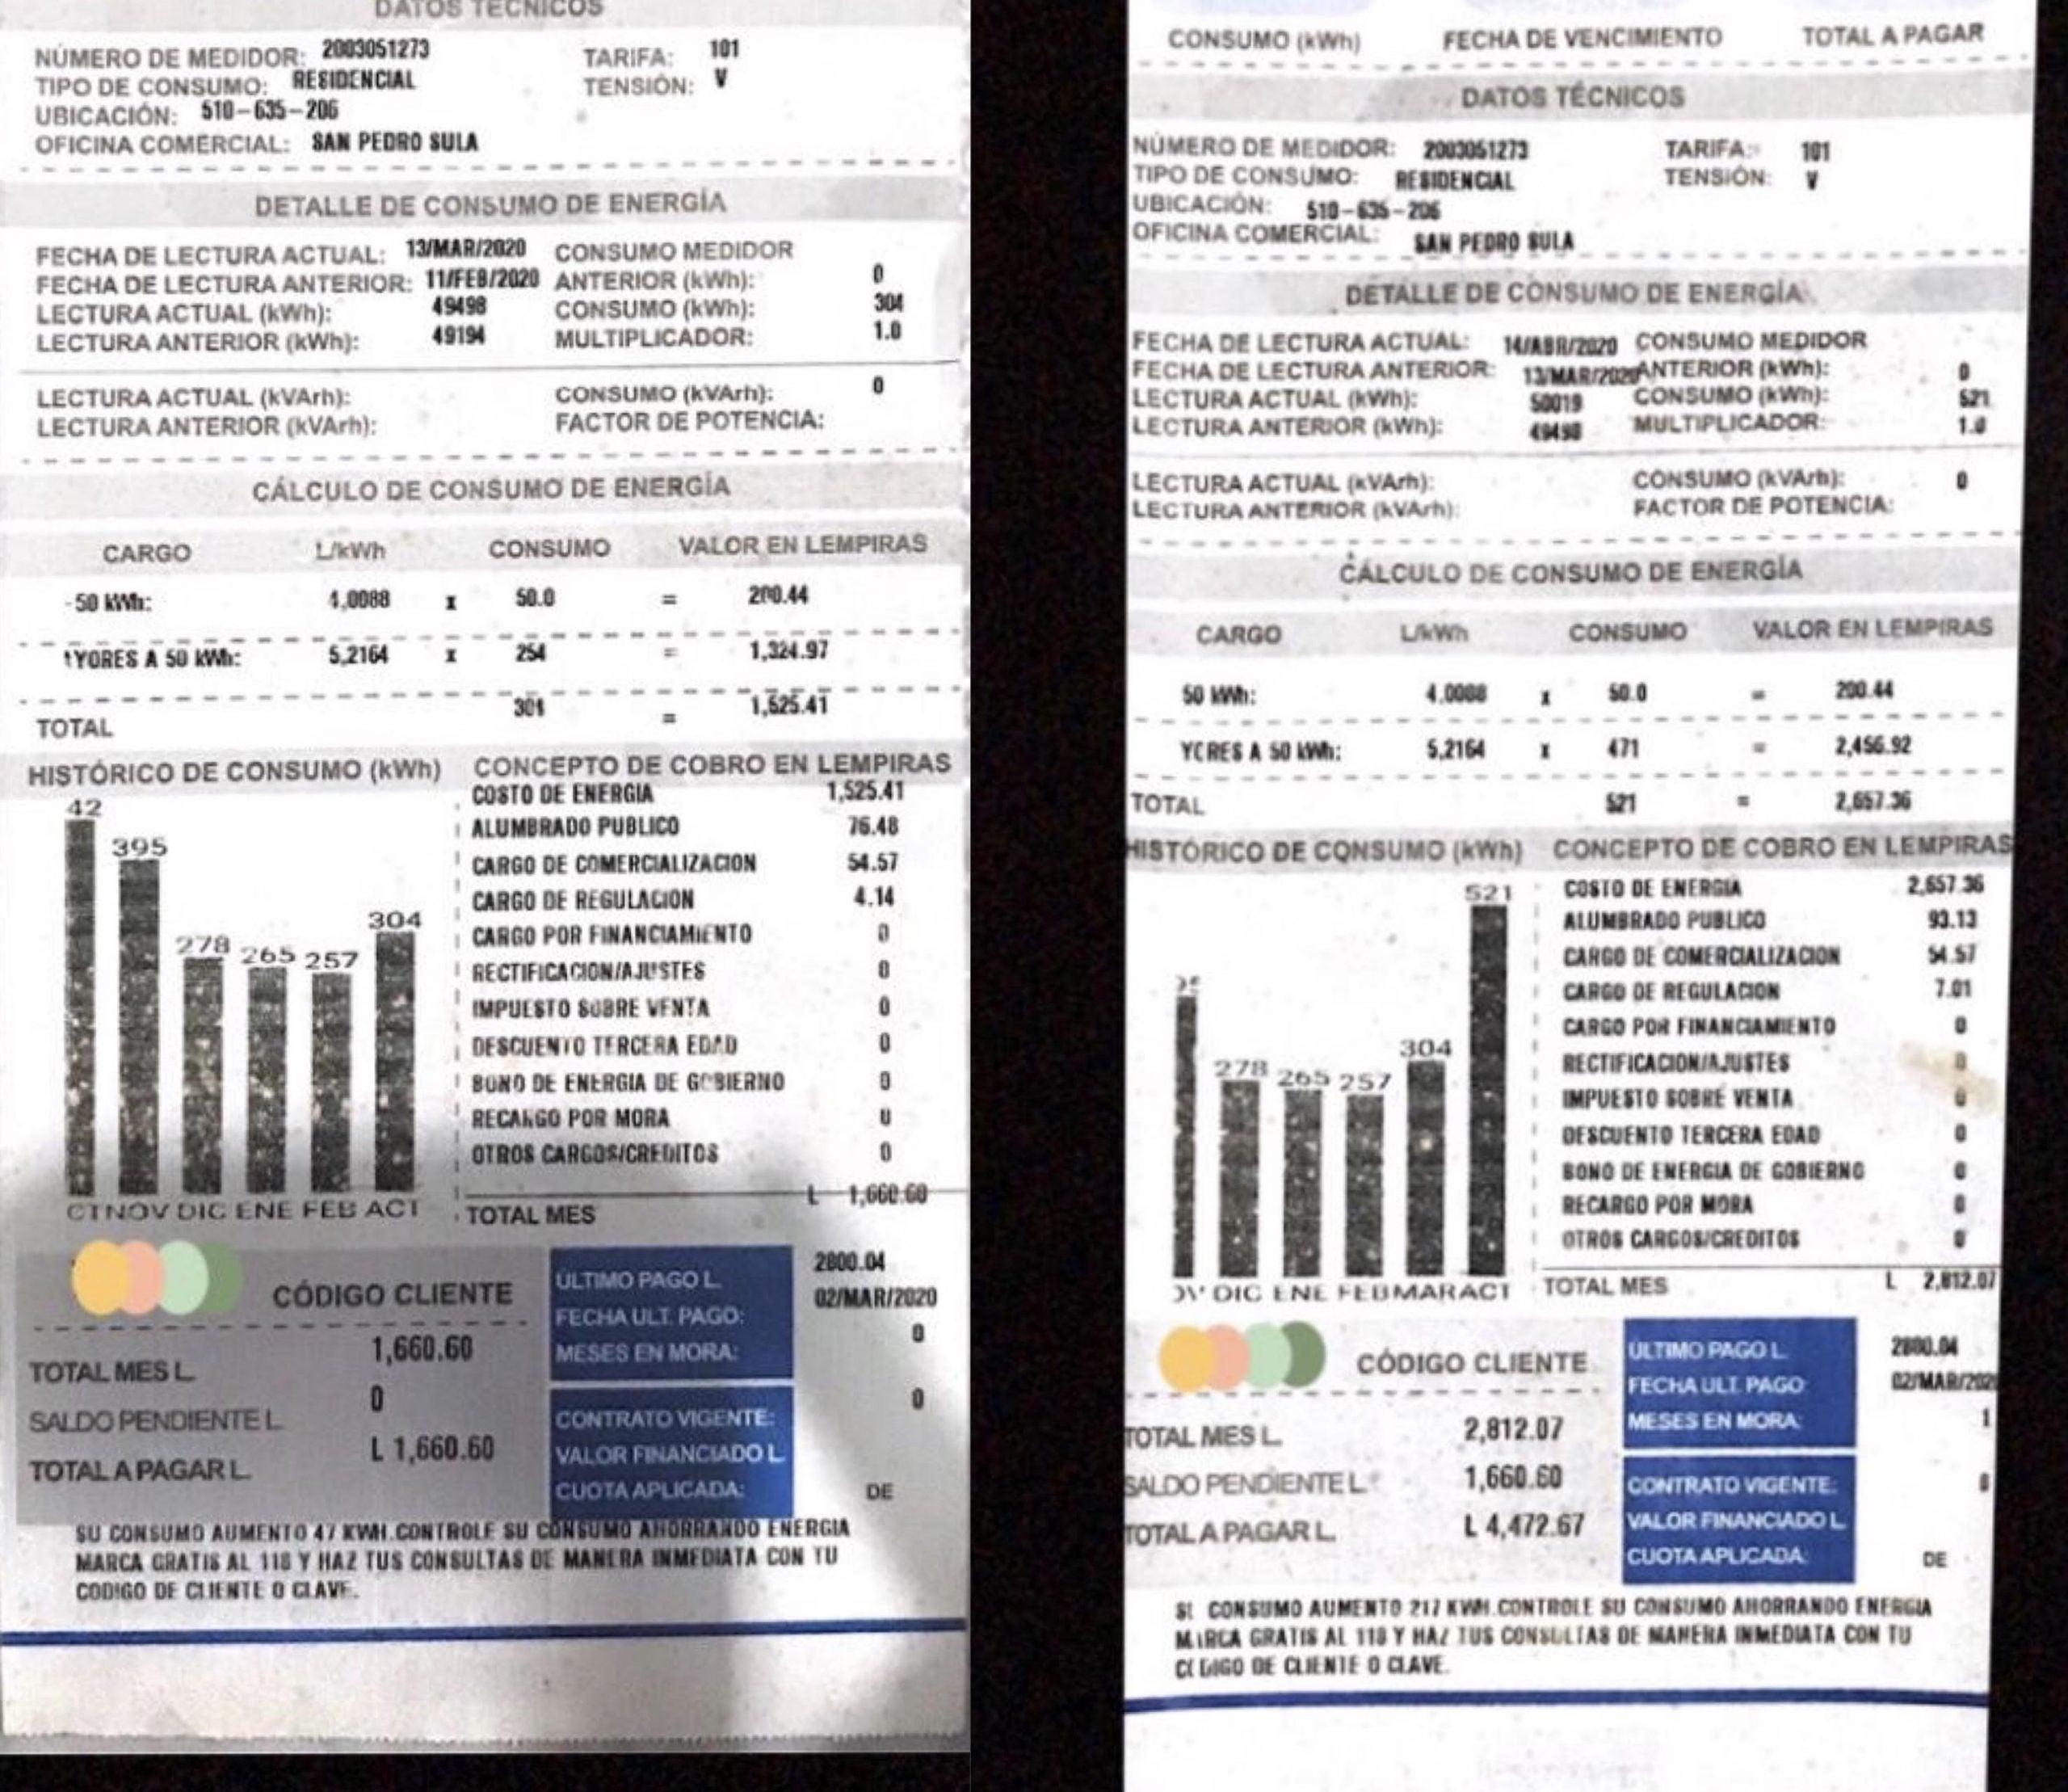 Comparación de recibos: mes de febrero y mes de mayo.